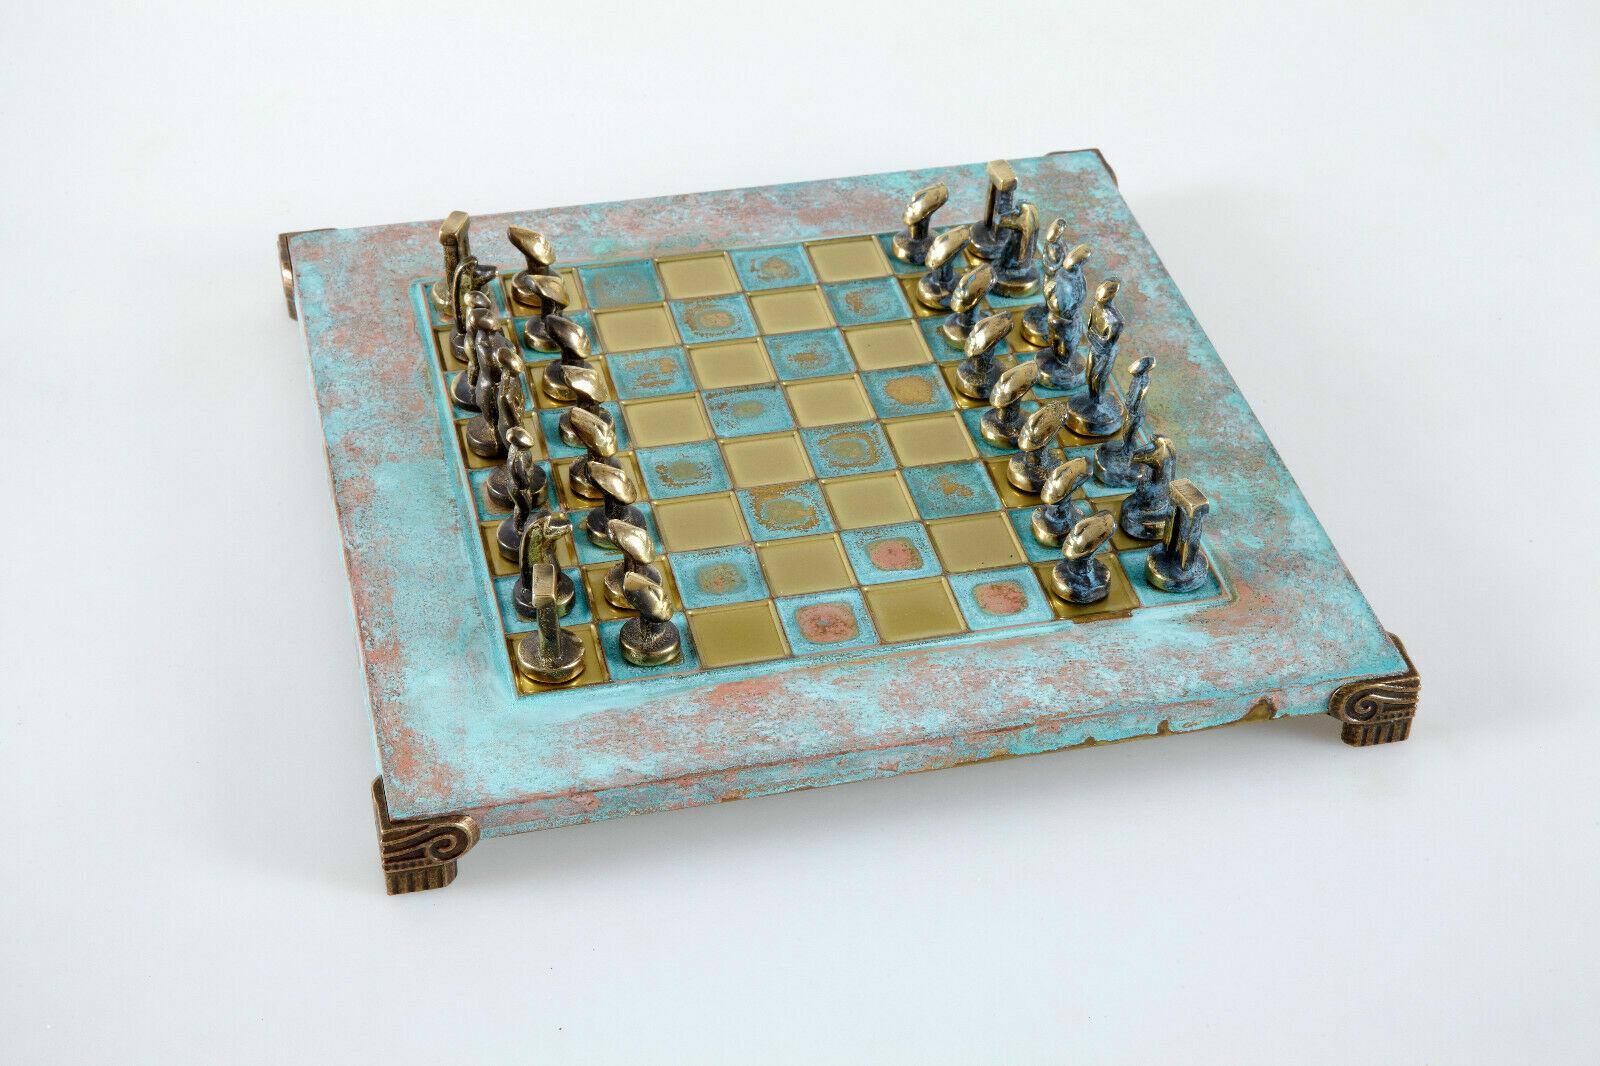 Cícladas Arte Grande Juego De Ajedrez-material De Bronce-Azul oxidar Board